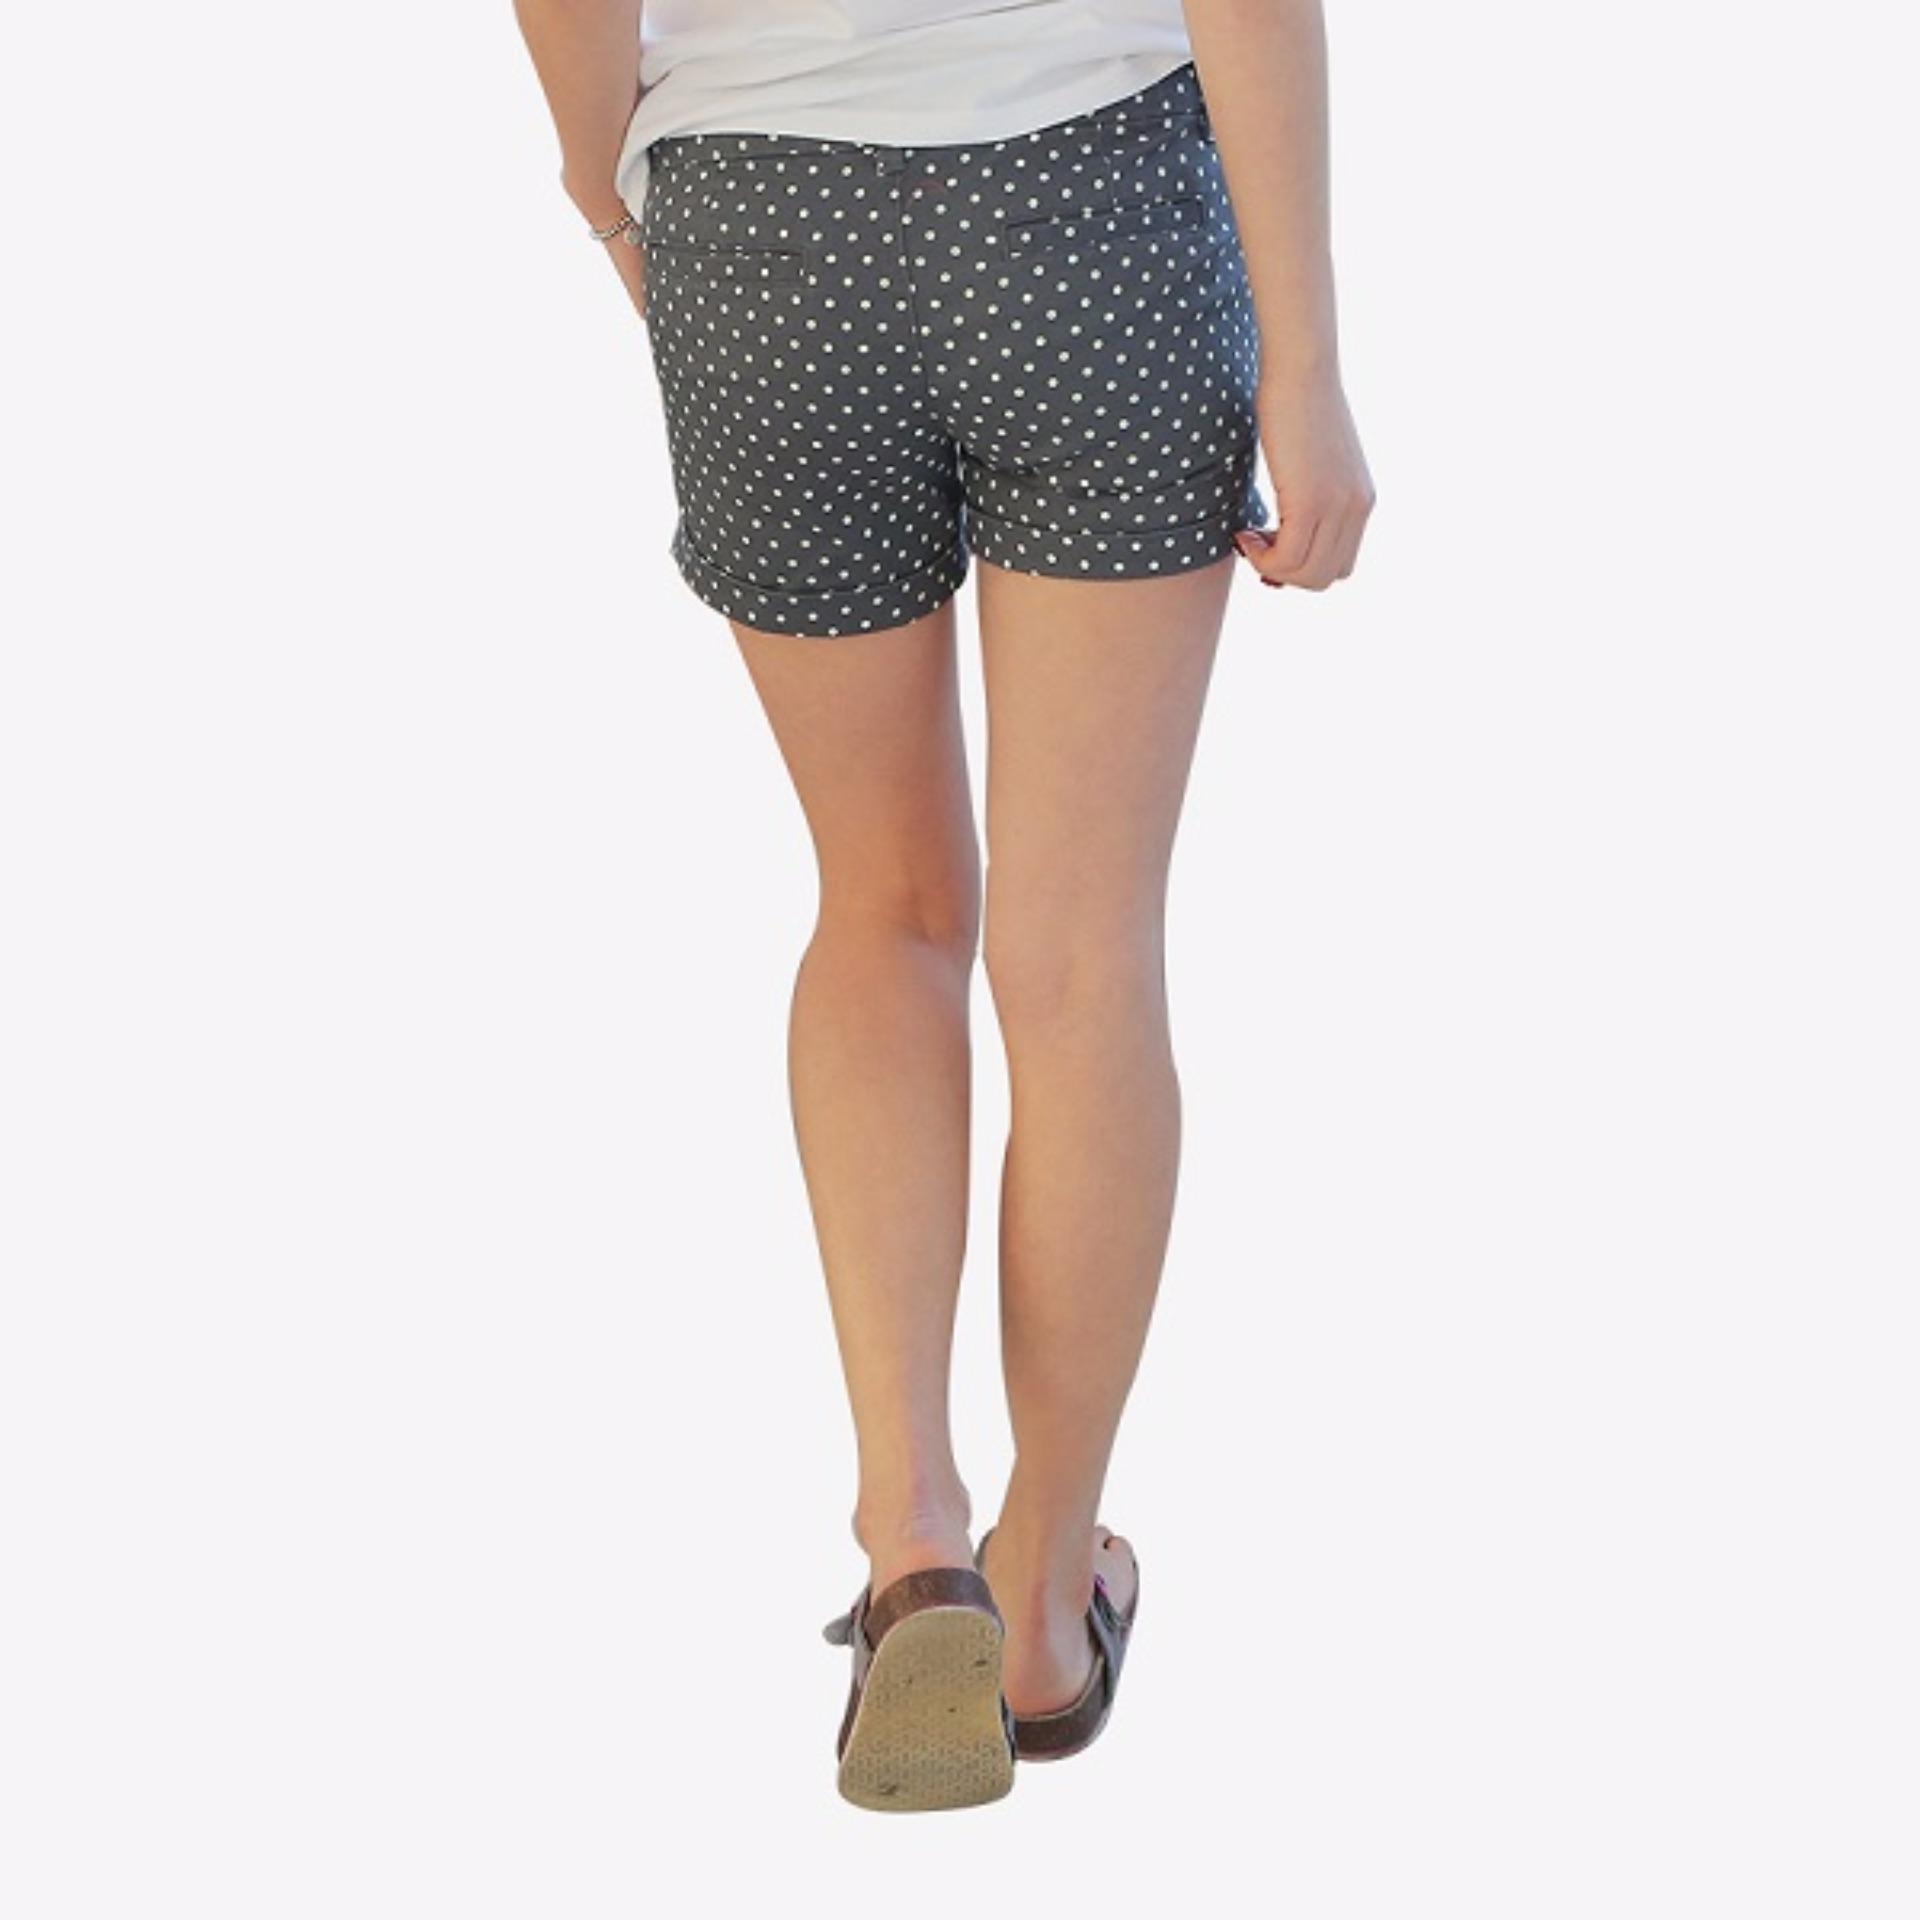 Coup Women Classic Short Celana Pendek Wanita Black Daftar Harga S4 Men Bermuda Pria Korean Brand Pants White Dot